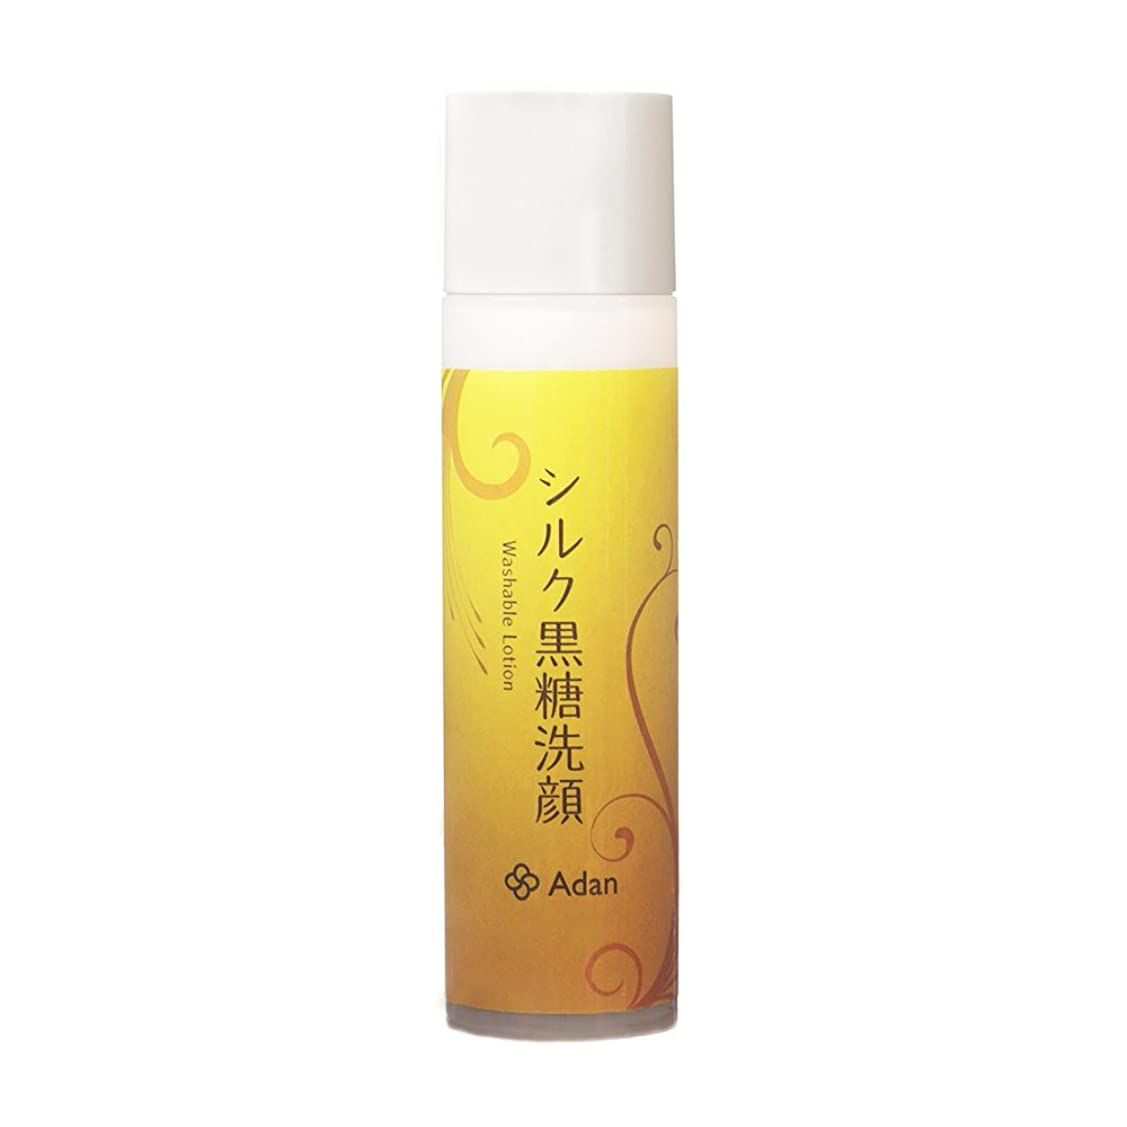 真鍮汚れるコミュニティAdan(アーダン) シルク黒糖洗顔(ウォッシャブルローション) 120ml